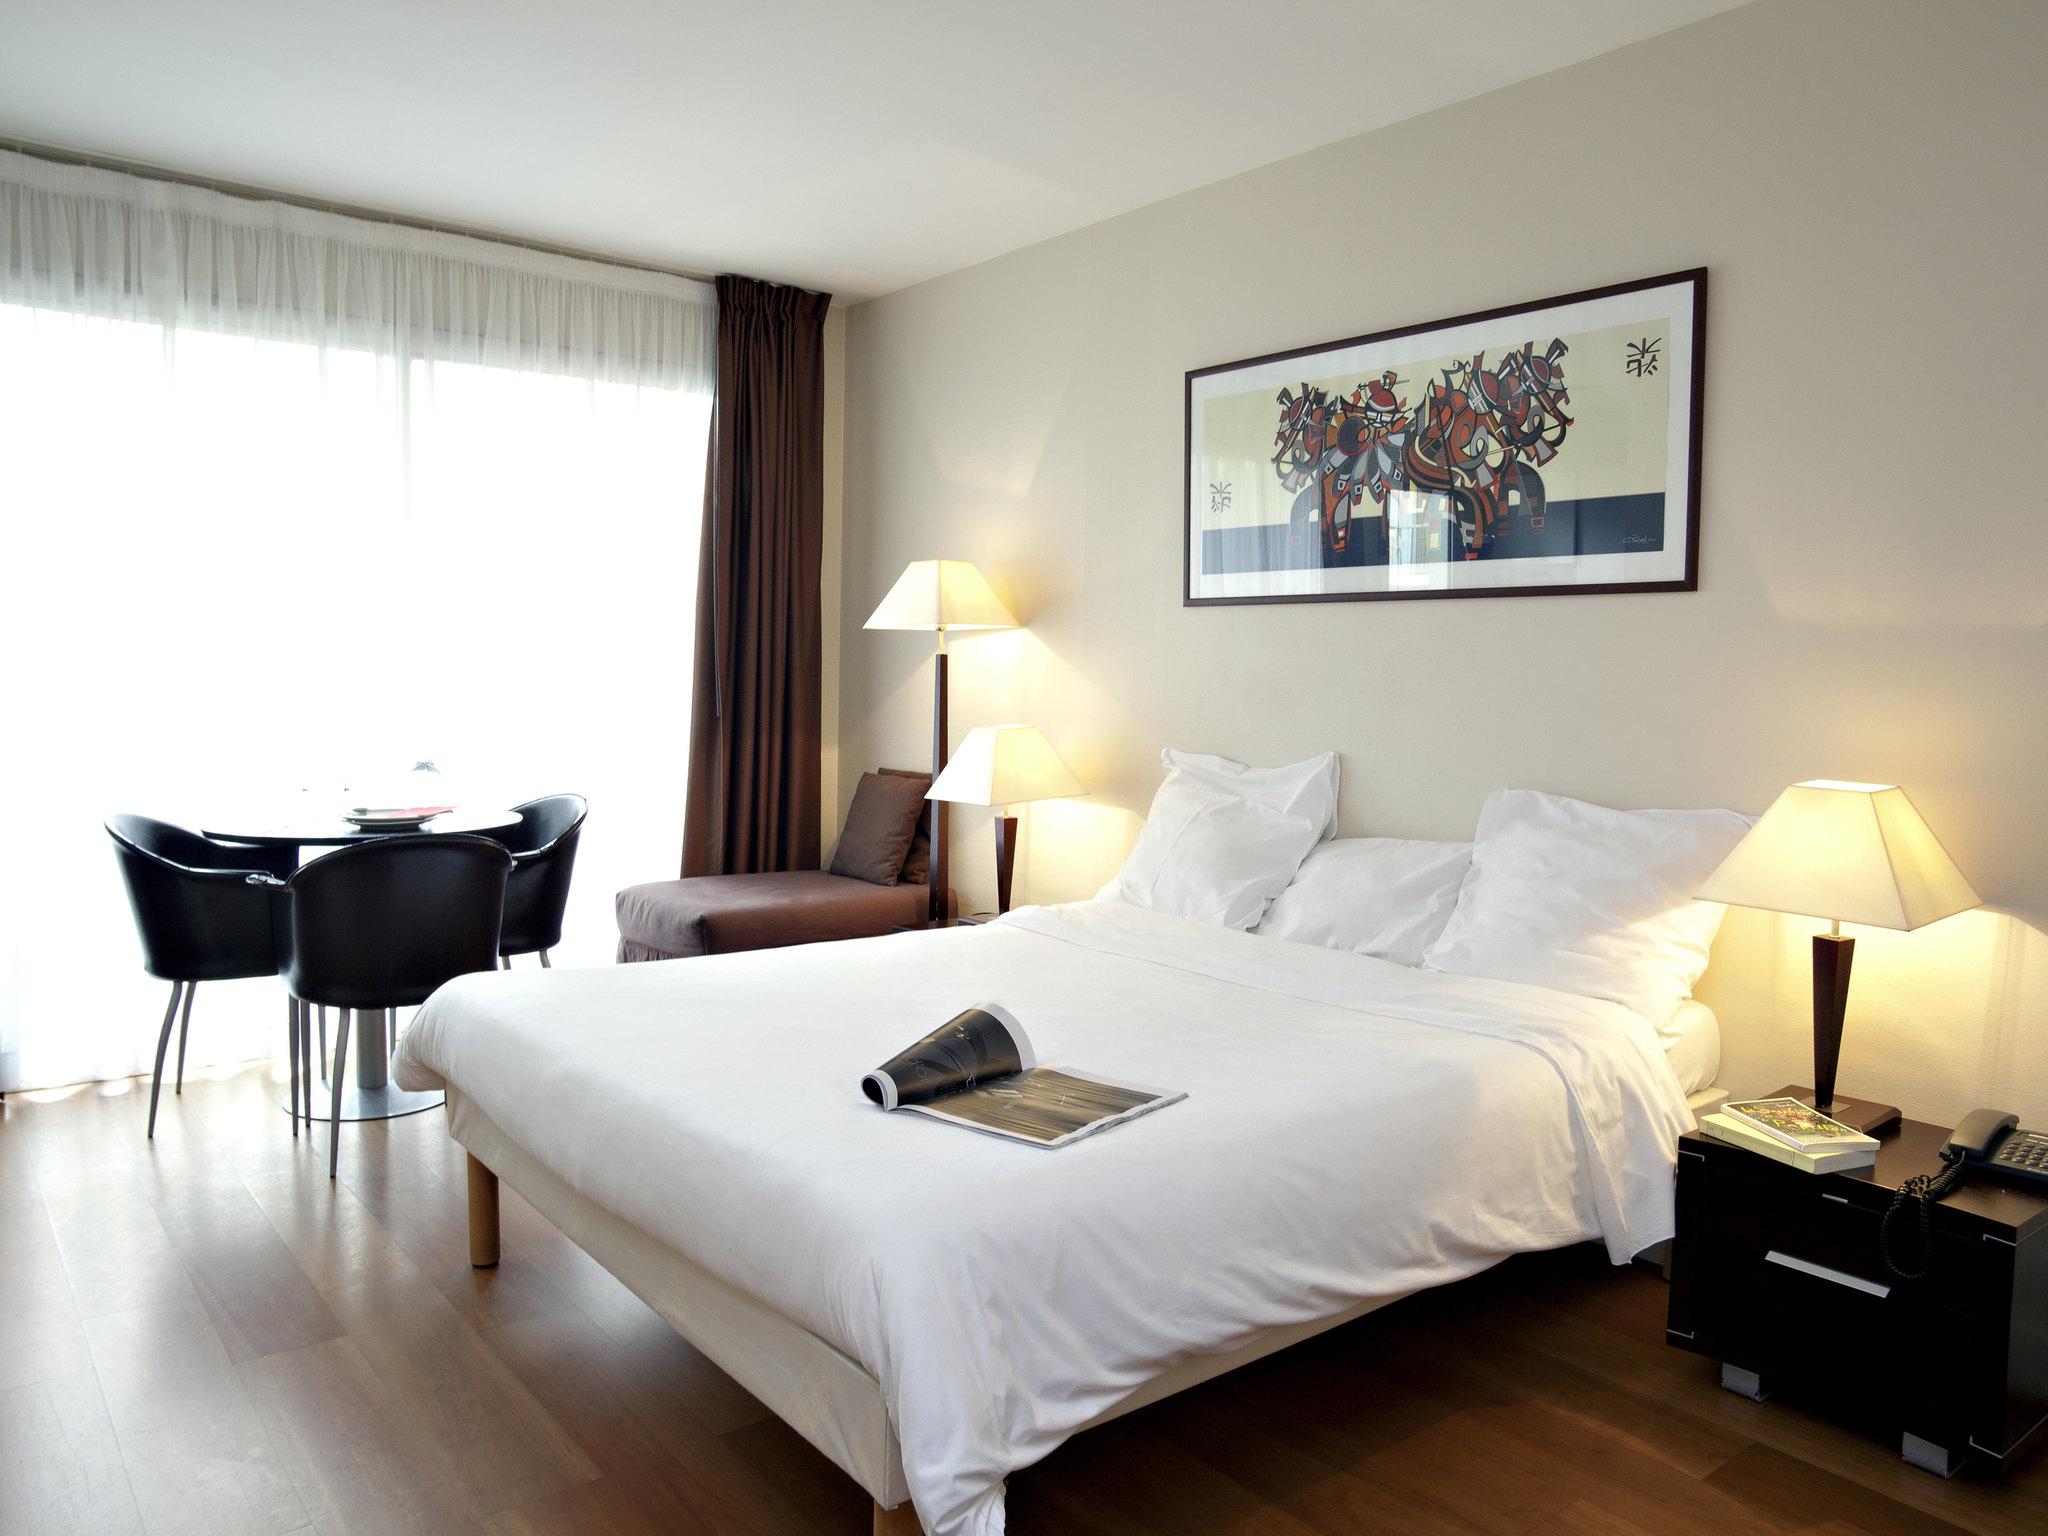 Отель — Апарт-отель Adagio access Париж Эйфелева Башня Сен-Шарль